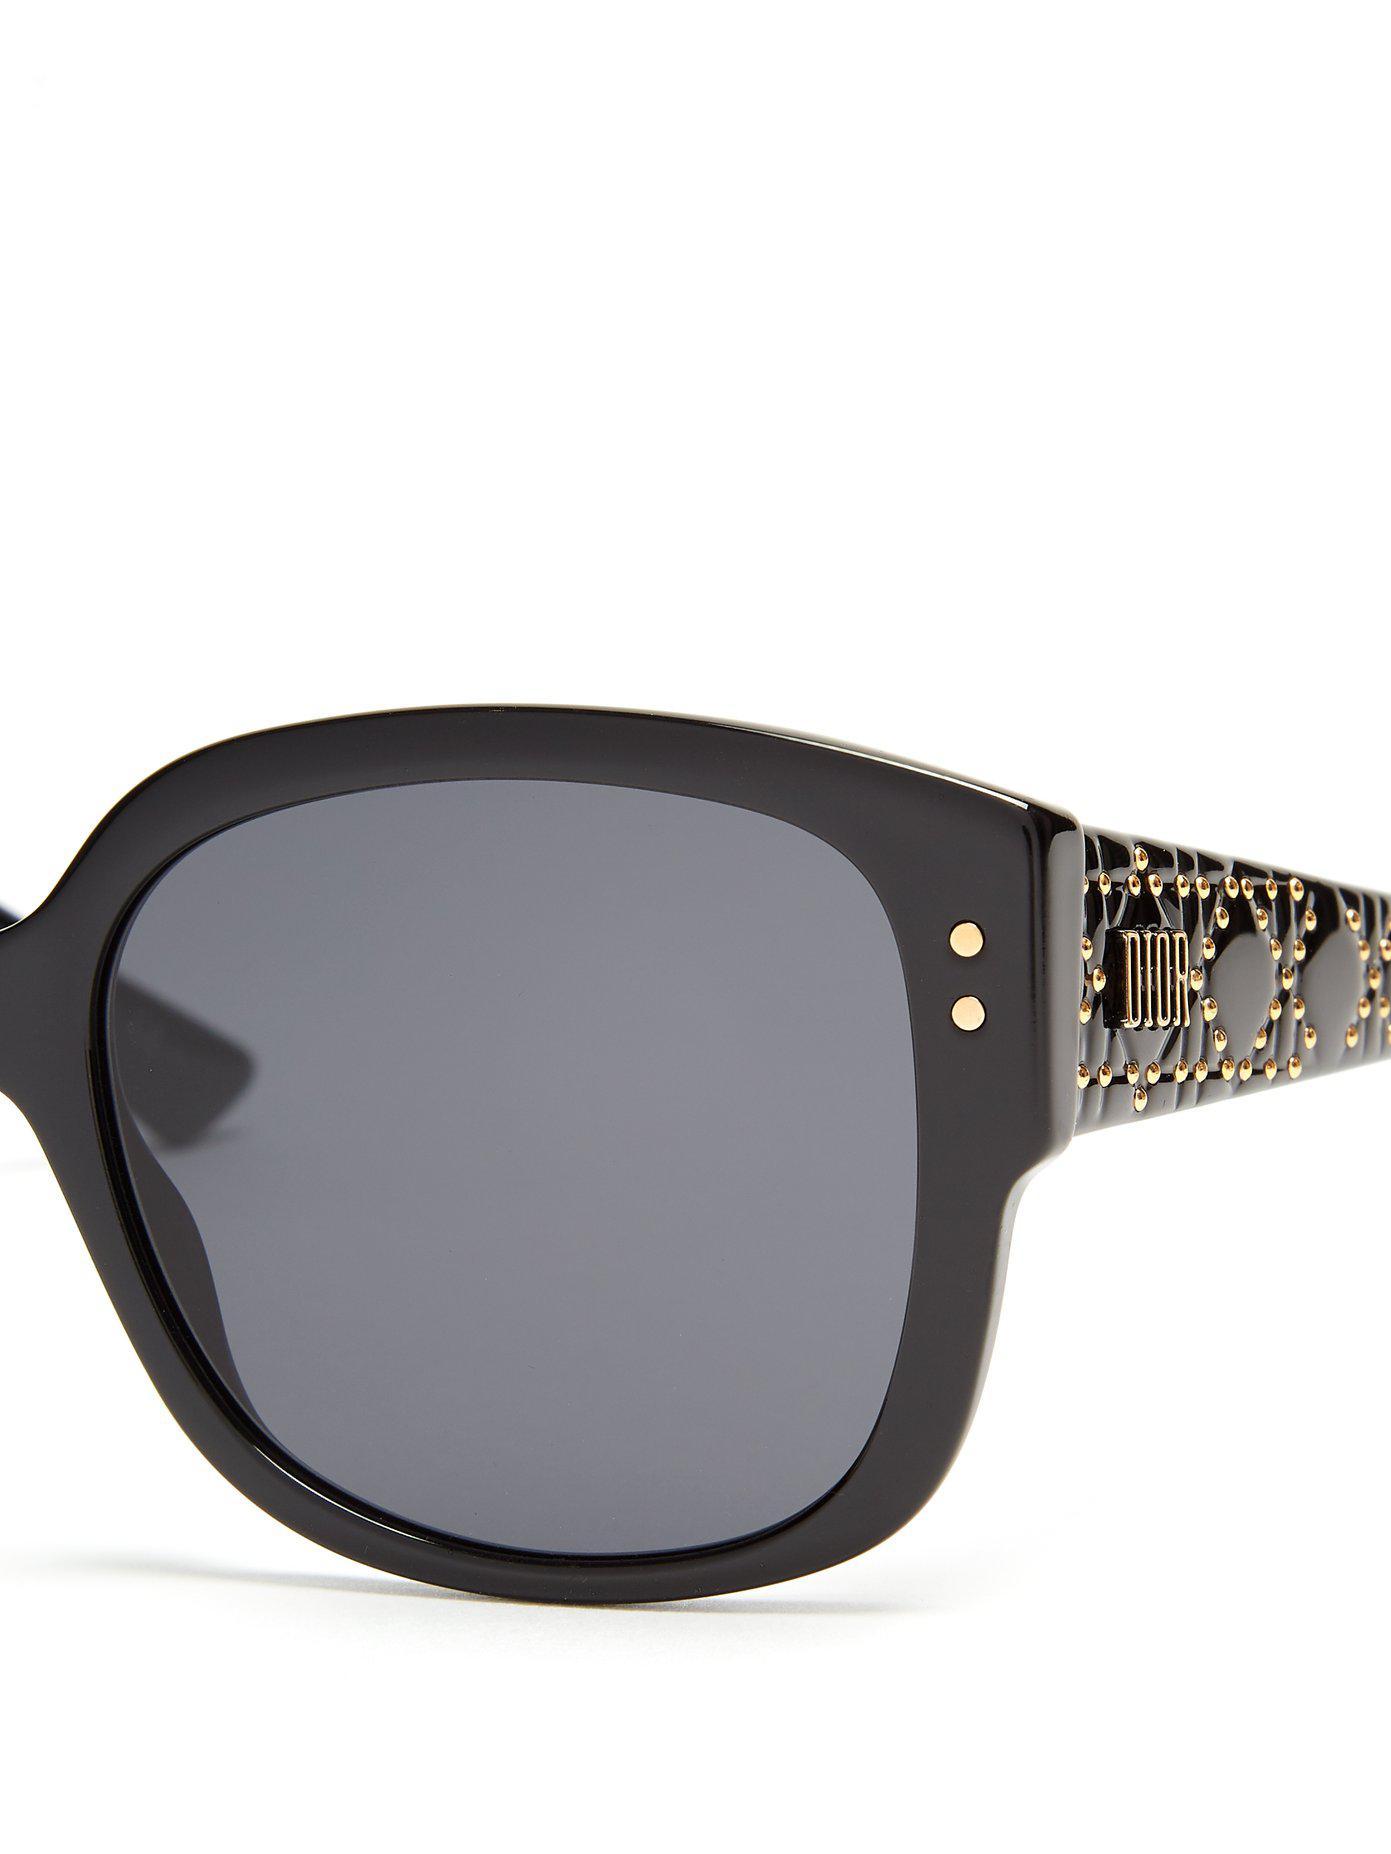 86cd54e449 Lunettes de soleil en acétate Lady DiorStuds Dior en coloris Noir - Lyst